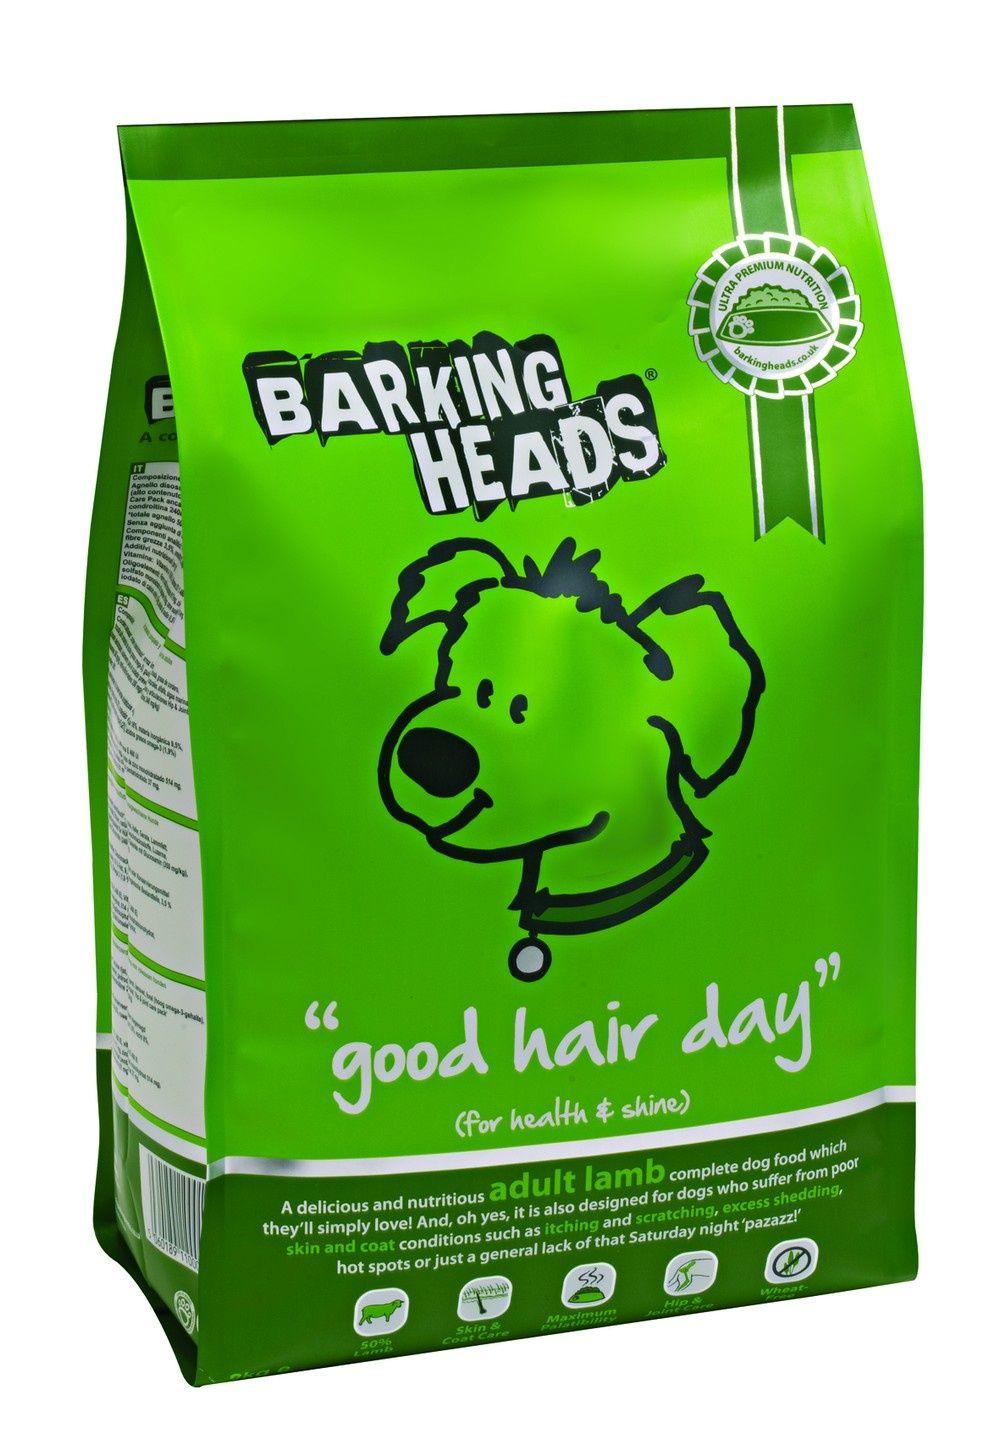 Корм Barking Heads для Собак с ягненком и рисом Роскошная шевелюра 18кгПовседневные корма<br><br><br>Артикул: 18104<br>Бренд: Barking Heads<br>Вид: Сухие<br>Высота упаковки (мм): 0,12<br>Длина упаковки (мм): 0,84<br>Ширина упаковки (мм): 0,38<br>Вес брутто (кг): 18<br>Страна-изготовитель: Великобритания<br>Вес упаковки (кг): 18<br>Размер/порода: Все<br>Ингредиенты: Ягнёнок<br>Для кого: Собаки